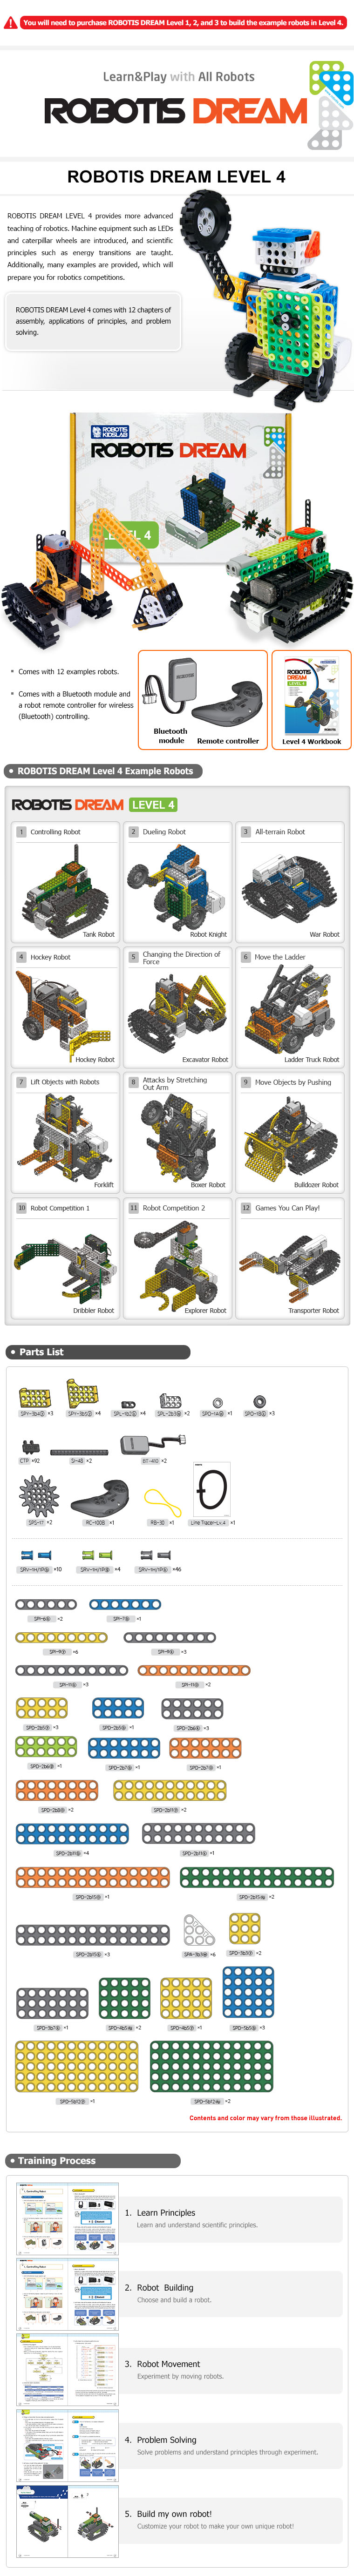 ROBOTIS_DREAM4_EN_info.jpg